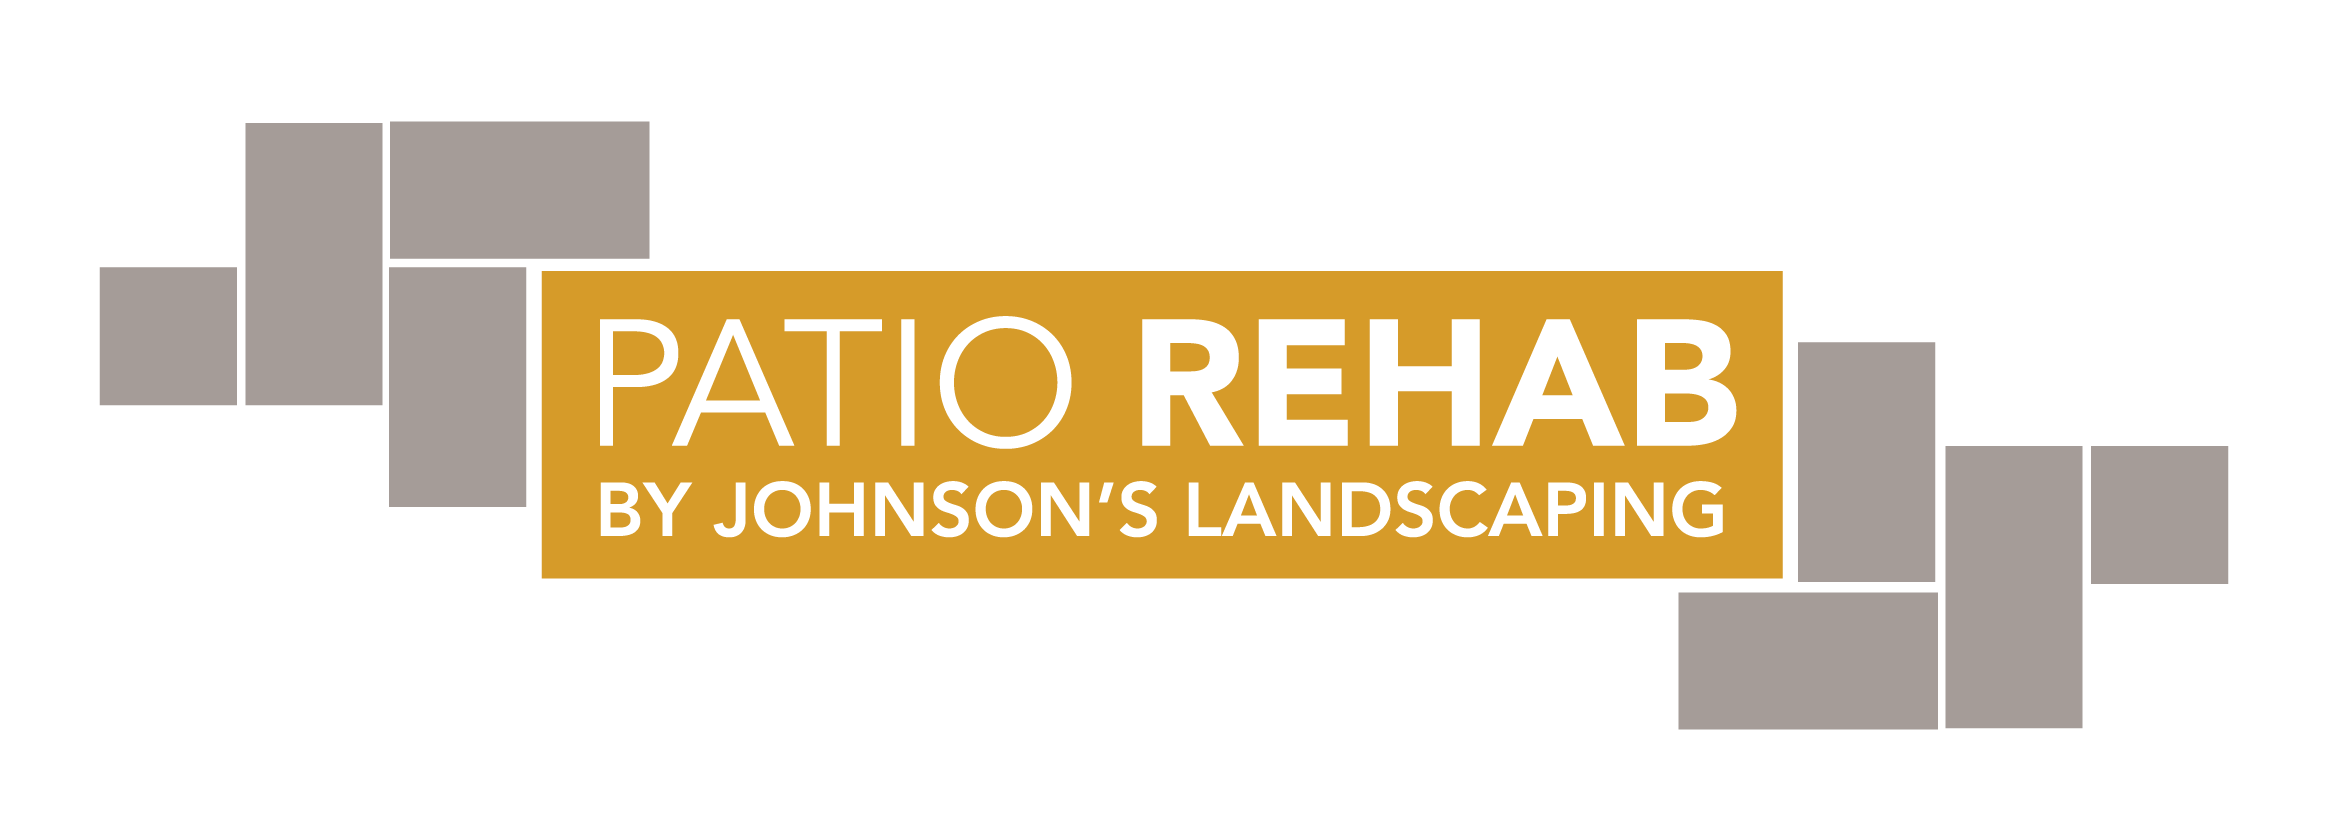 Johnson's Landscaping logo